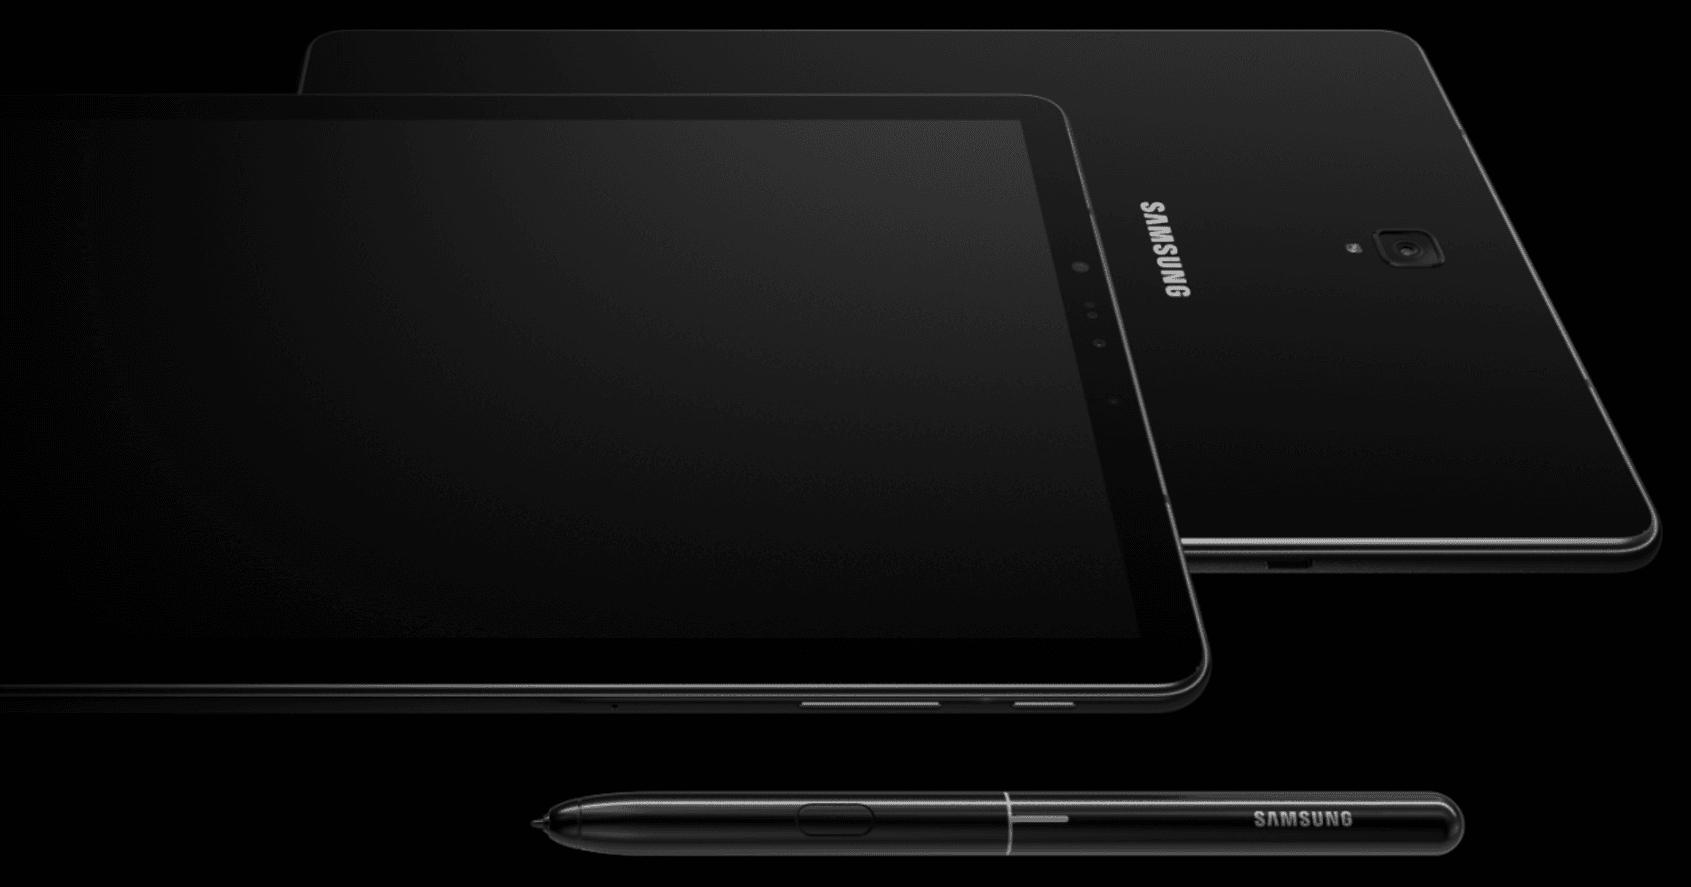 Trzy tysiące złotych za topowy tablet z Androidem. Znamy polskie ceny Samsunga Galaxy Tab S4 18